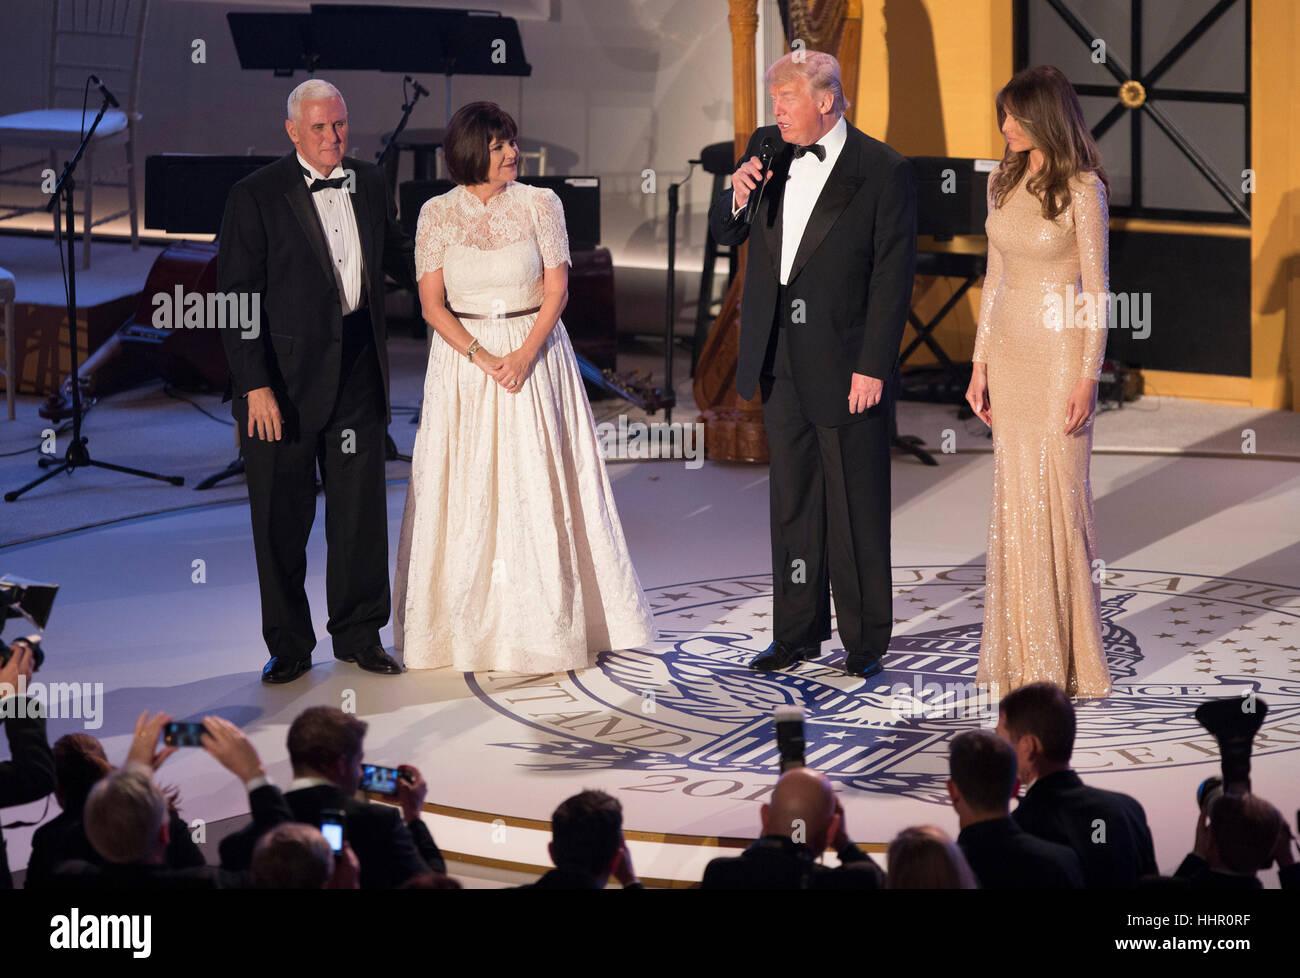 Washington, DC, Stati Uniti d'America. Xix gen, 2017. Il vice presidente eletto degli Stati Uniti Mike Pence, sua Foto Stock